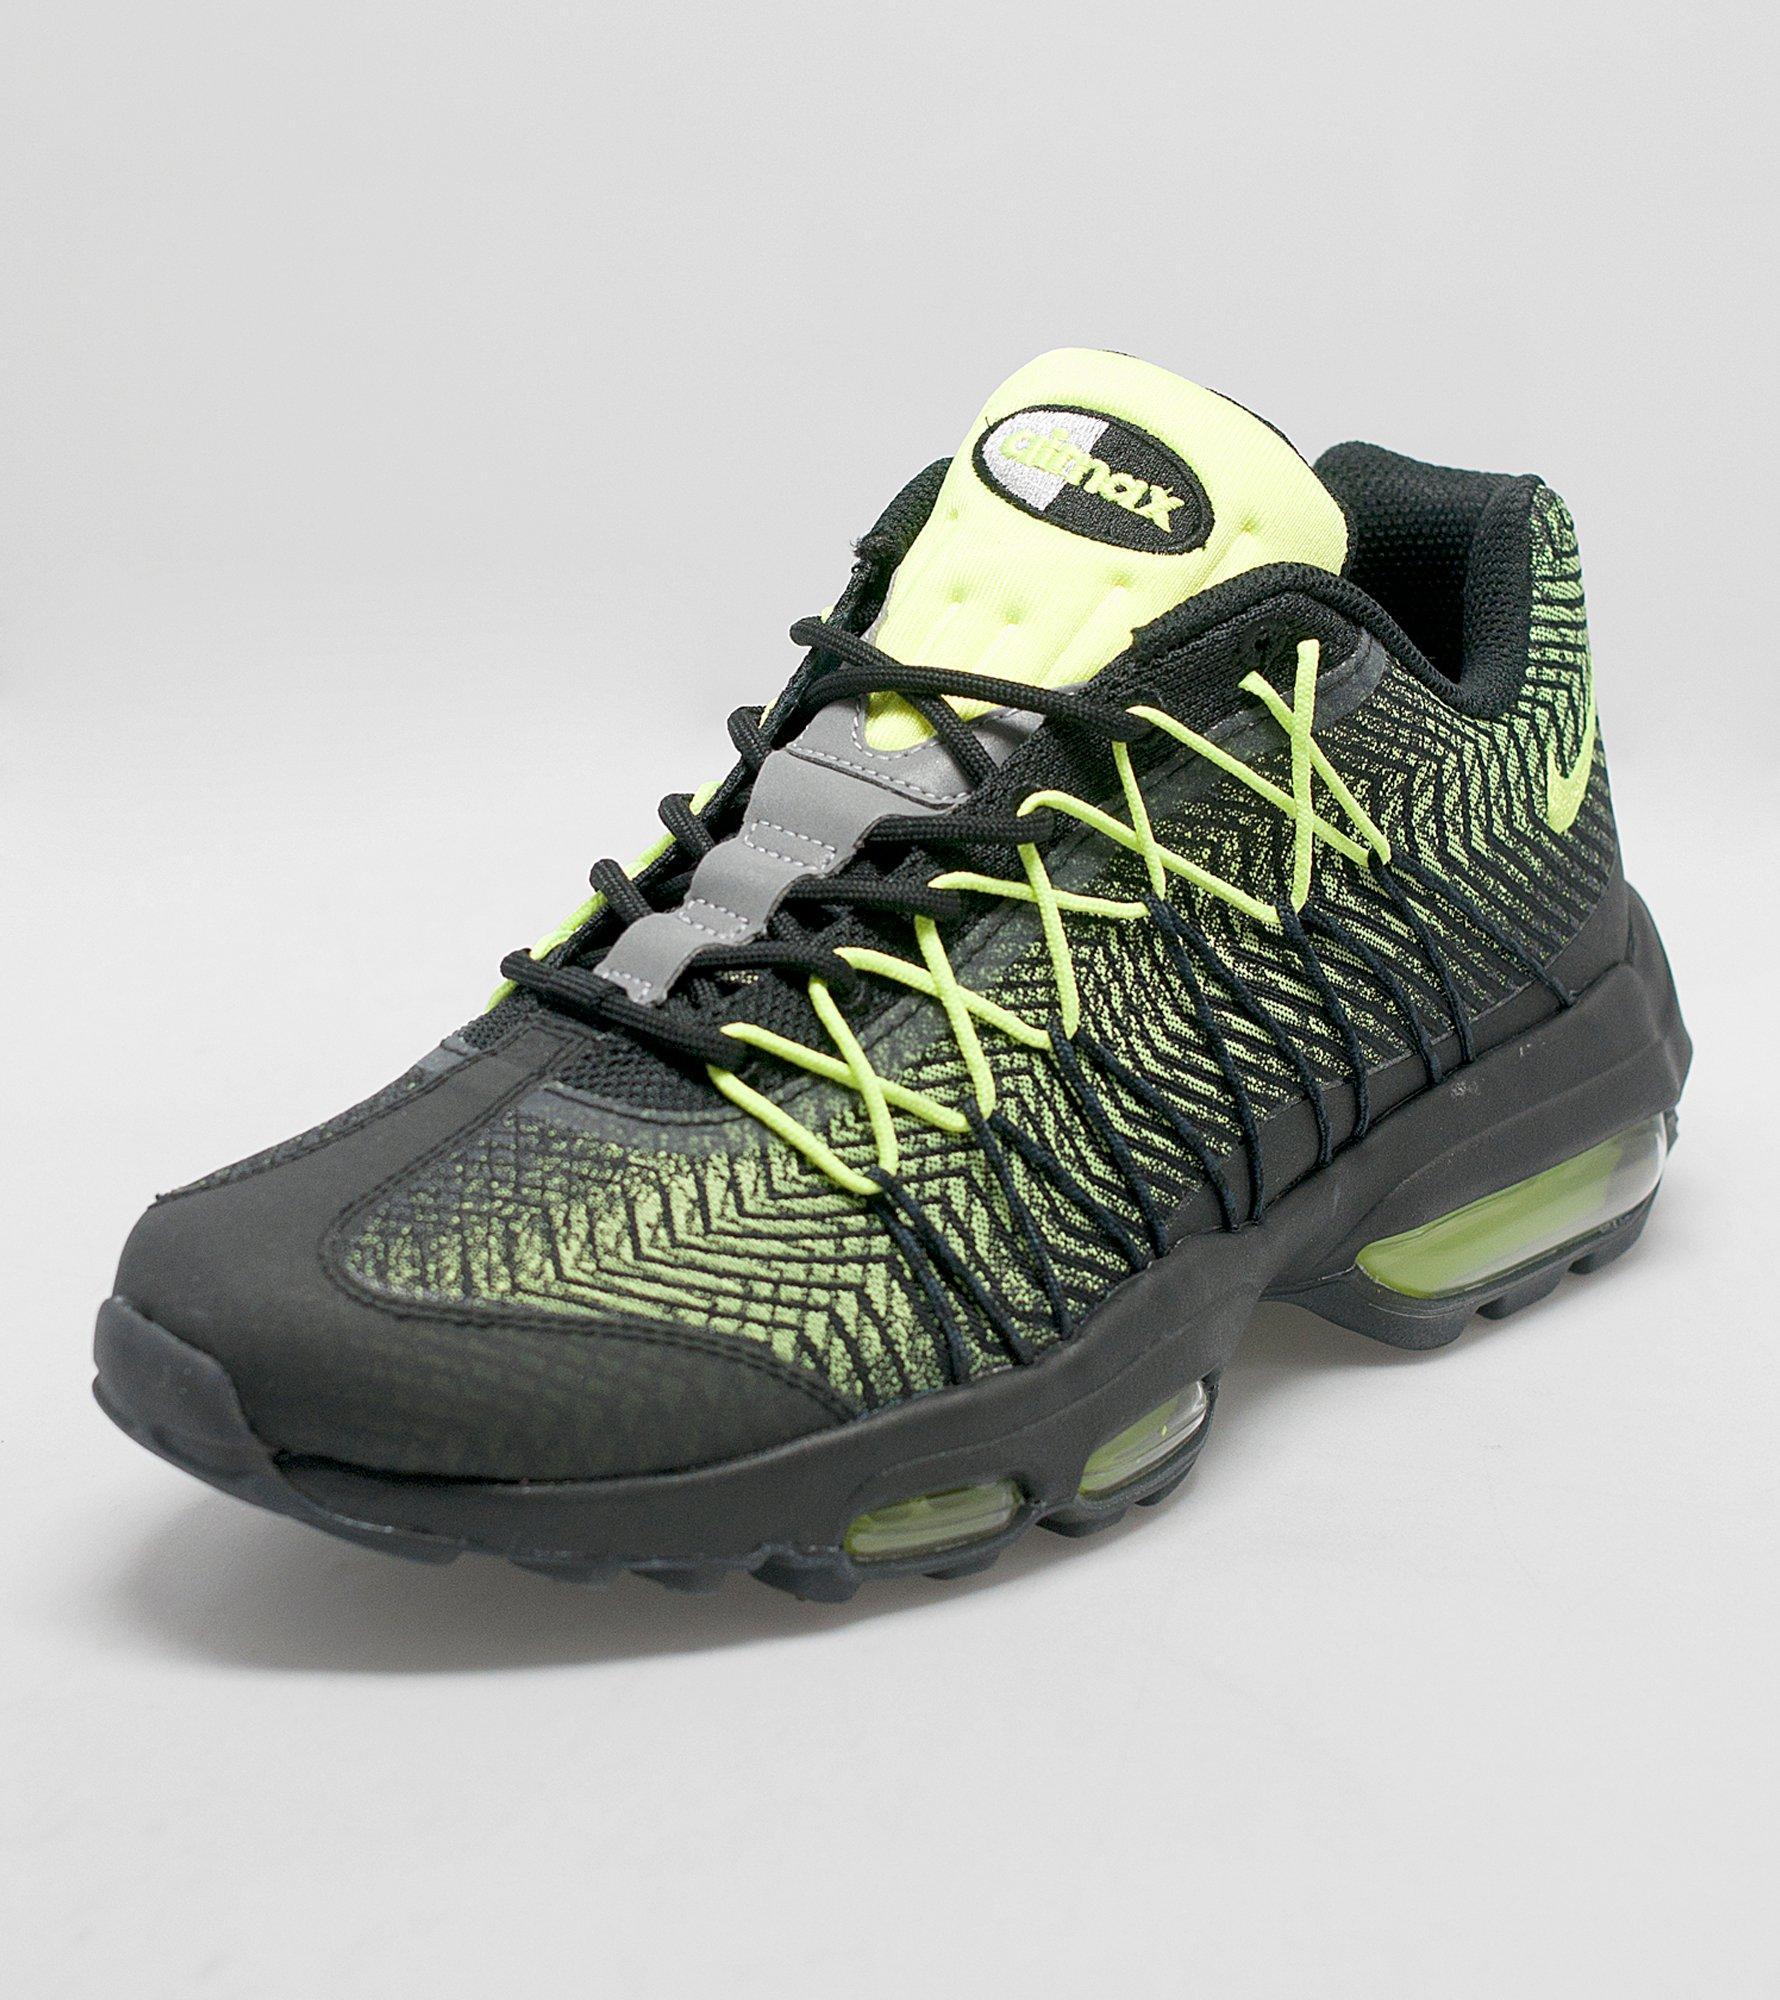 sports shoes 7a16f bb6c7 ... new arrivals nike air max 2015 kupujem prodajem 98a77 a2b84